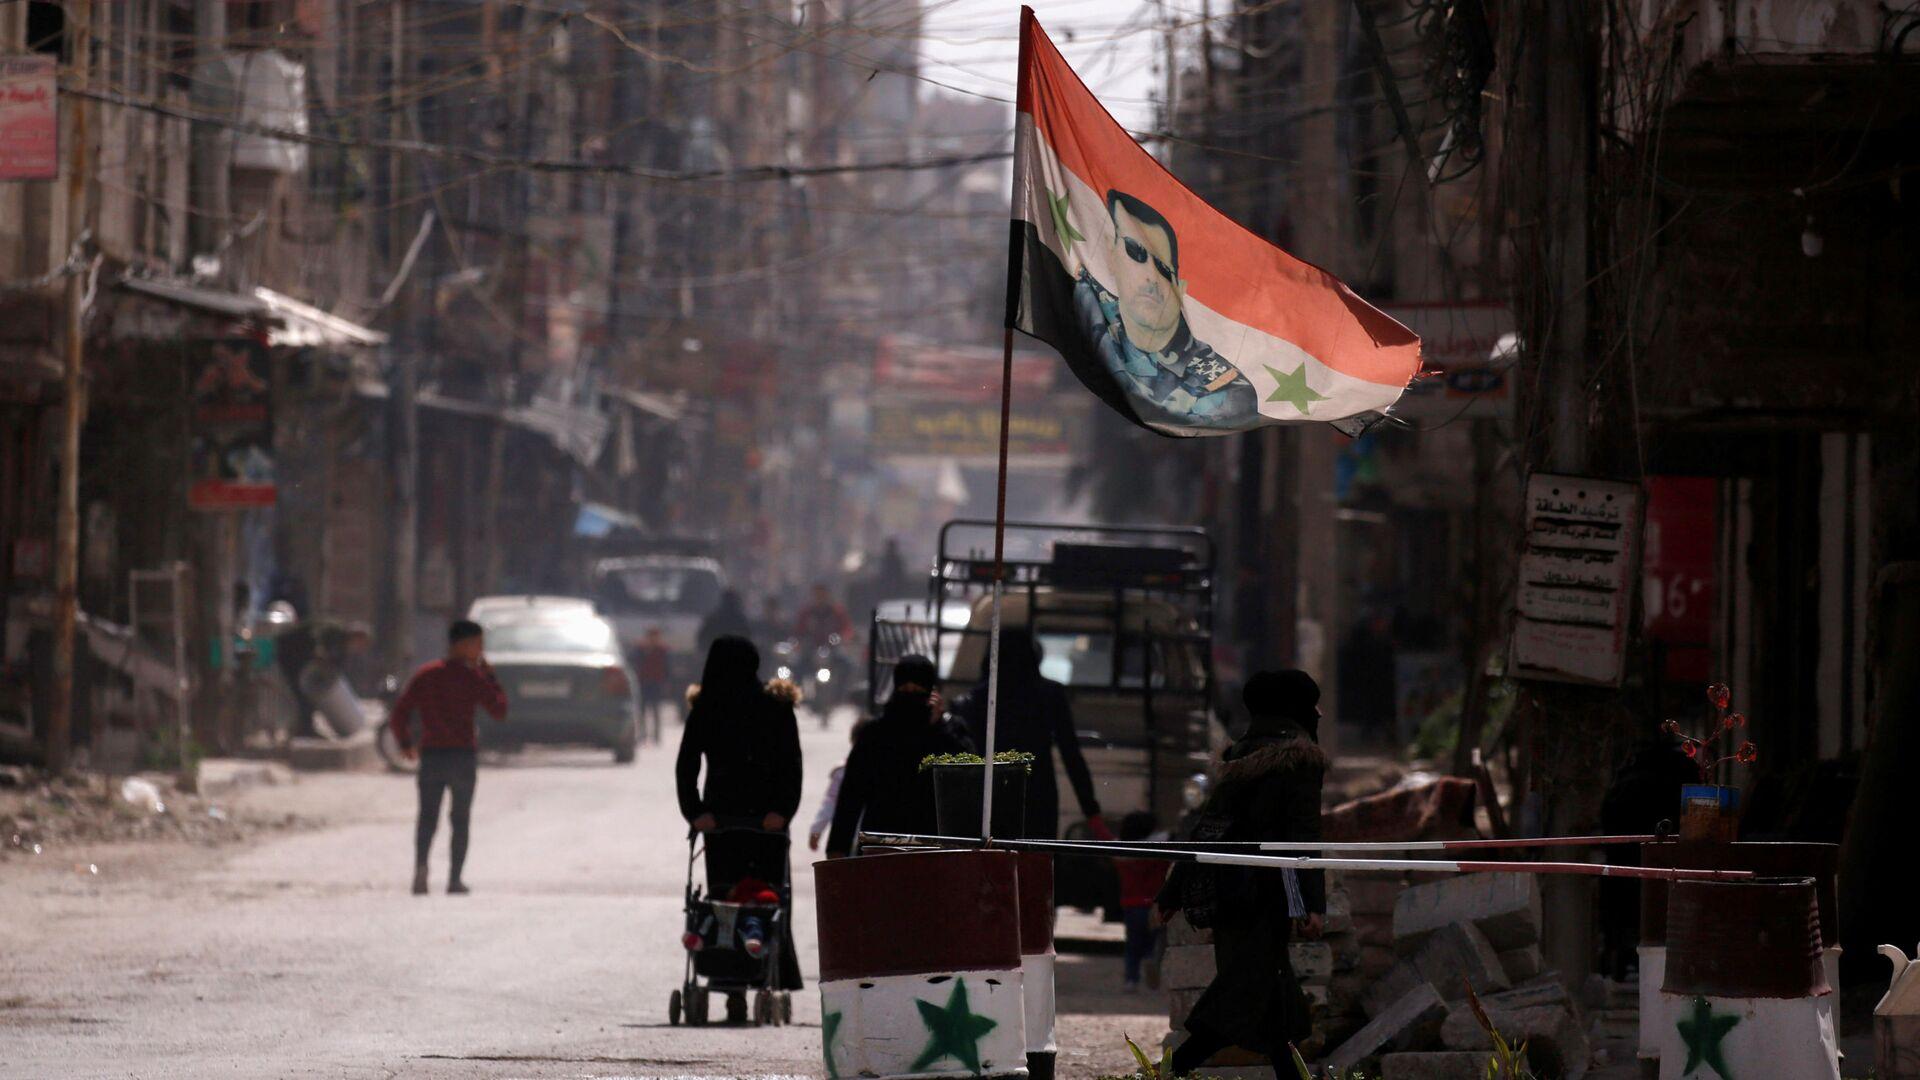 Flaga narodowa z wizerunkiem prezydenta Baszara al-Asada rozwiewa w punkcie kontrolnym w Dumie, na przedmieściach Damaszku, Syria - Sputnik Polska, 1920, 01.08.2021